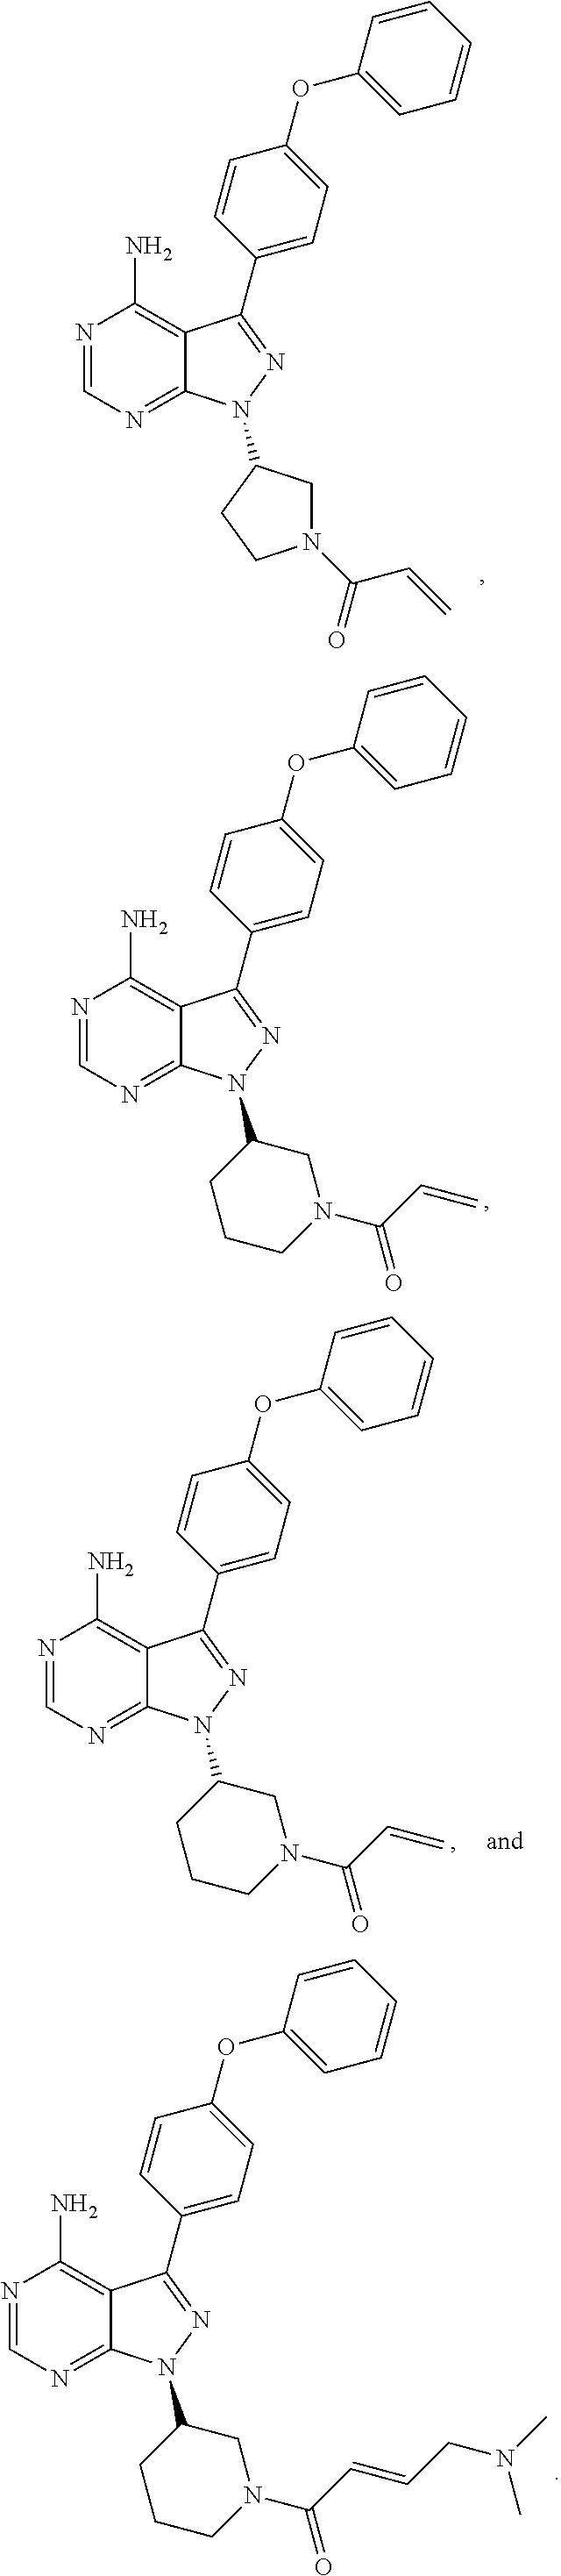 Figure US10004746-20180626-C00043